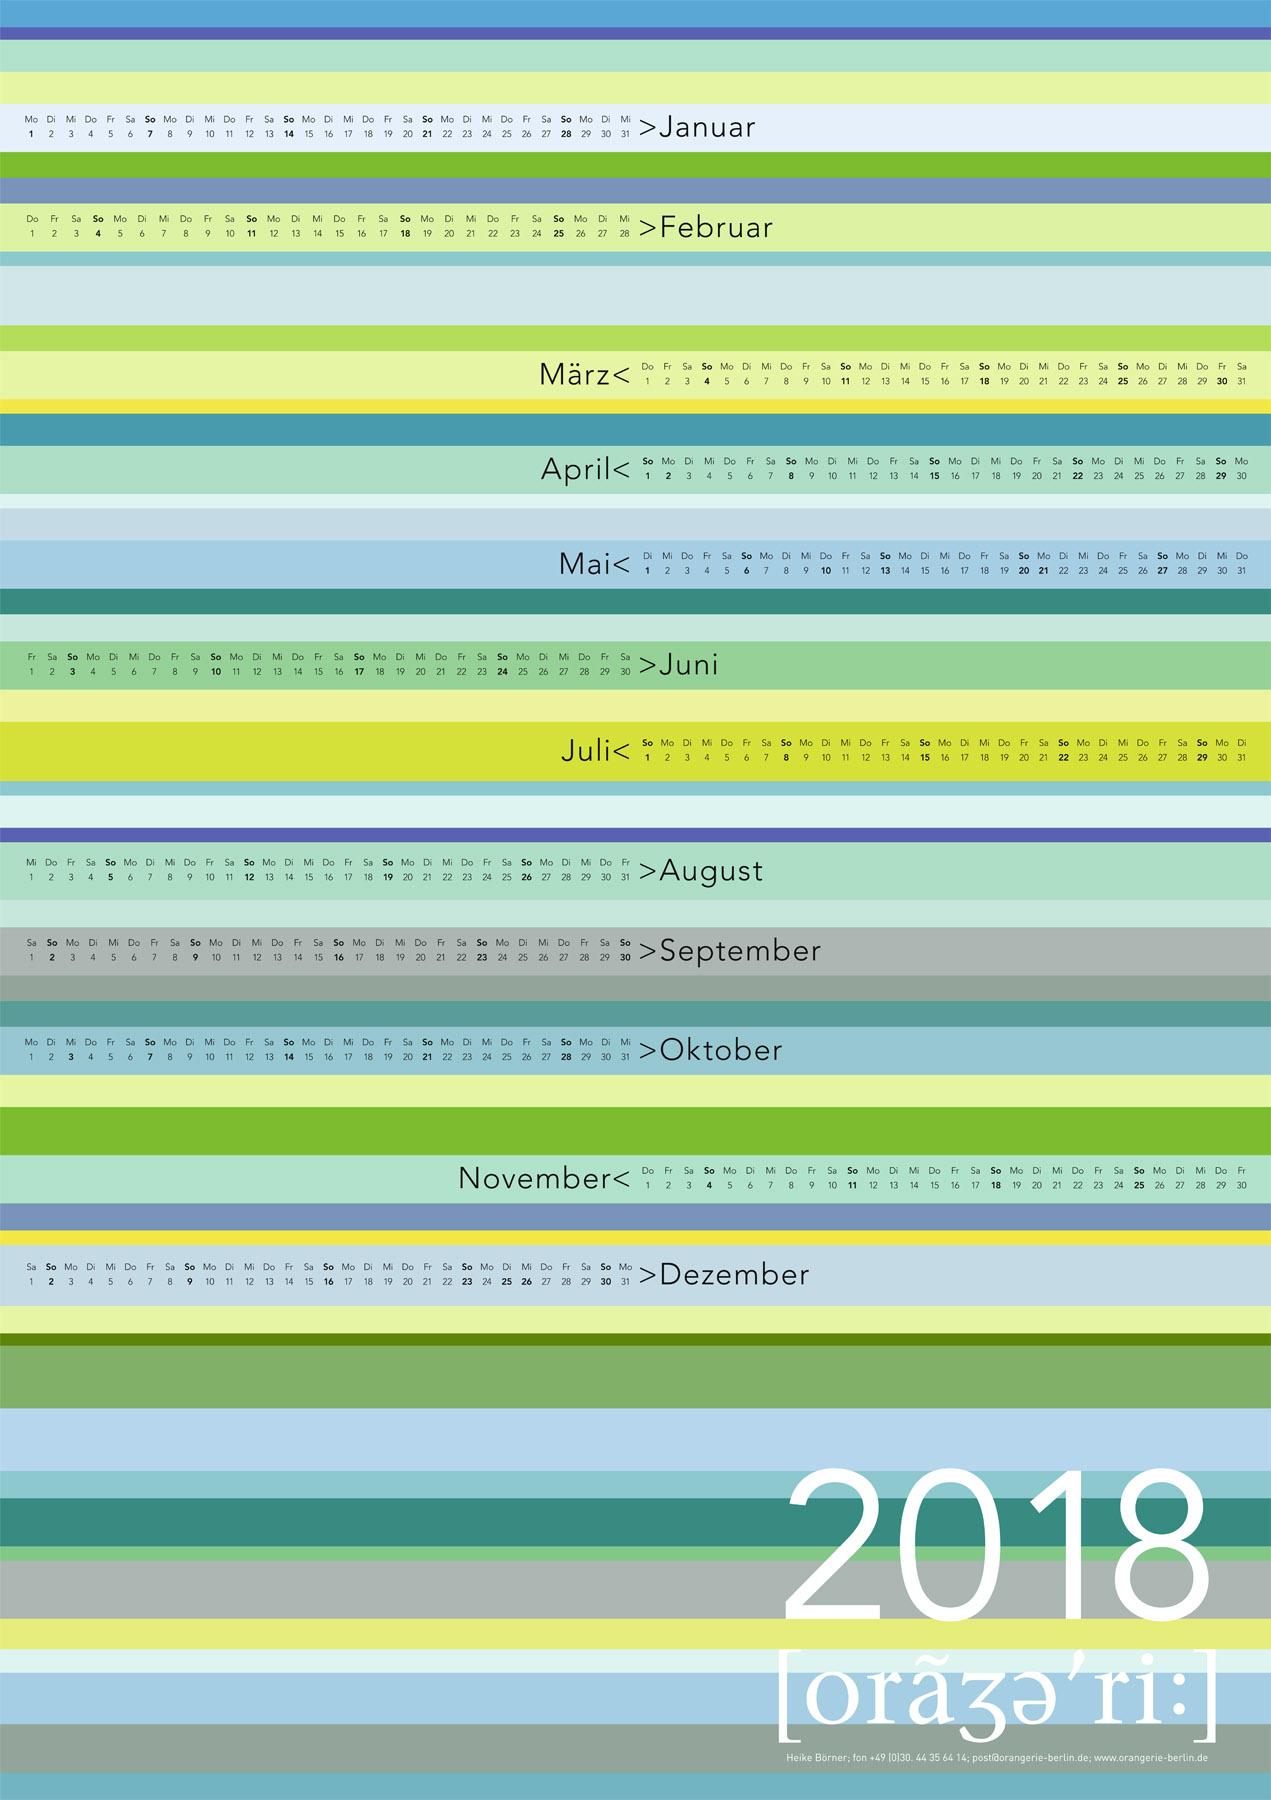 Grafikdesign, Illustration, Kalendergestaltung